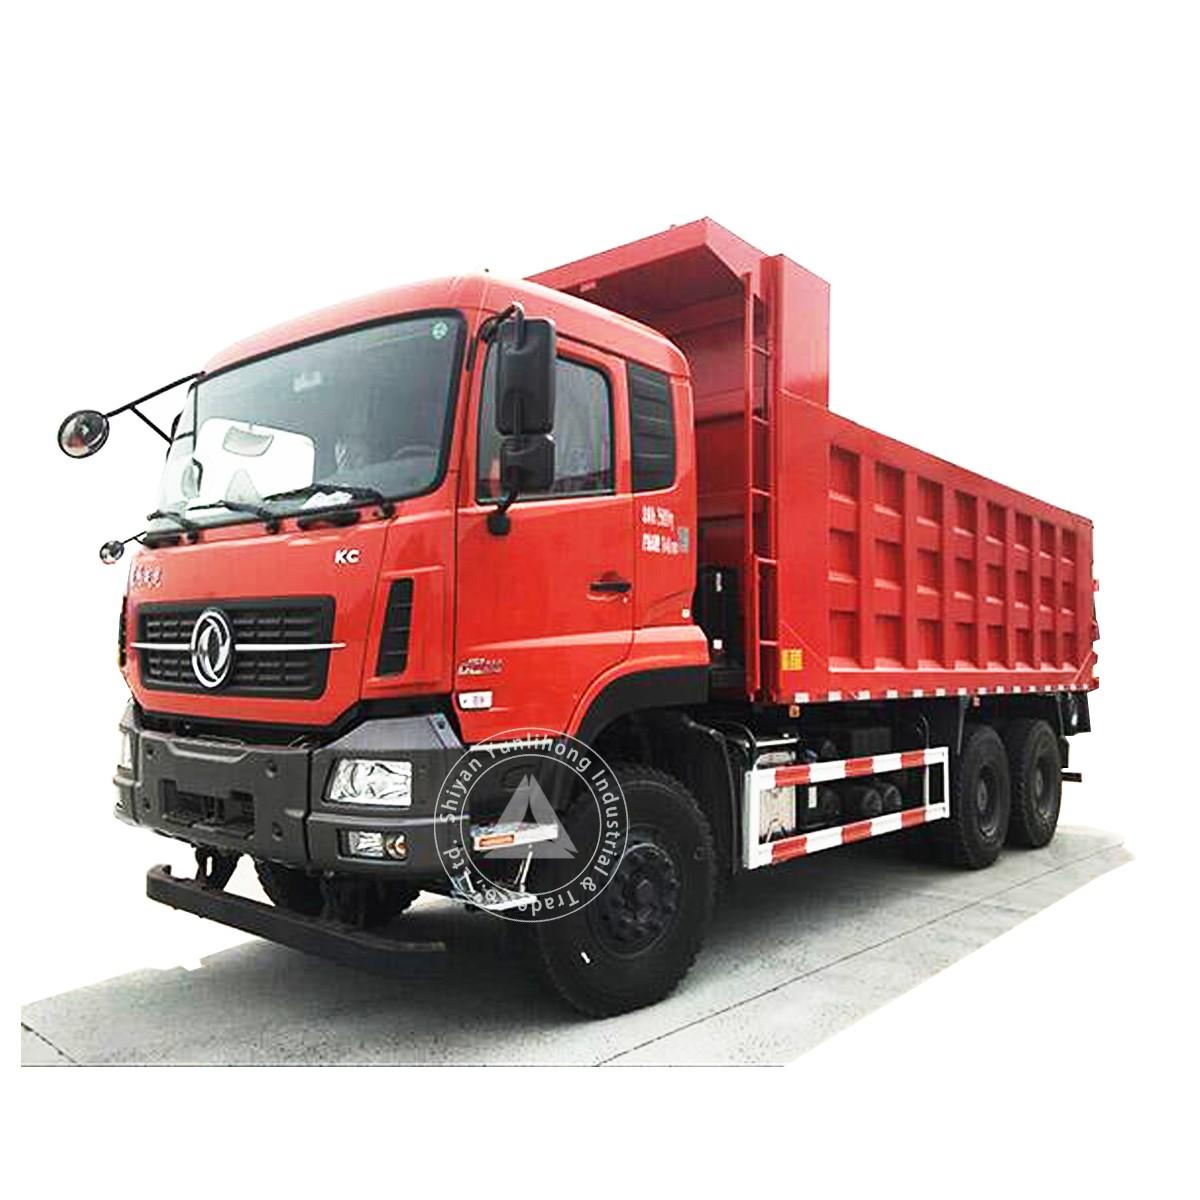 खरीदने के लिए डोंगफेंग केसी 6x4 जीवीडब्ल्यू 35 टन 15 एम 3 टू 23 एम 3 डंप ट्रक,डोंगफेंग केसी 6x4 जीवीडब्ल्यू 35 टन 15 एम 3 टू 23 एम 3 डंप ट्रक दाम,डोंगफेंग केसी 6x4 जीवीडब्ल्यू 35 टन 15 एम 3 टू 23 एम 3 डंप ट्रक ब्रांड,डोंगफेंग केसी 6x4 जीवीडब्ल्यू 35 टन 15 एम 3 टू 23 एम 3 डंप ट्रक मैन्युफैक्चरर्स,डोंगफेंग केसी 6x4 जीवीडब्ल्यू 35 टन 15 एम 3 टू 23 एम 3 डंप ट्रक उद्धृत मूल्य,डोंगफेंग केसी 6x4 जीवीडब्ल्यू 35 टन 15 एम 3 टू 23 एम 3 डंप ट्रक कंपनी,